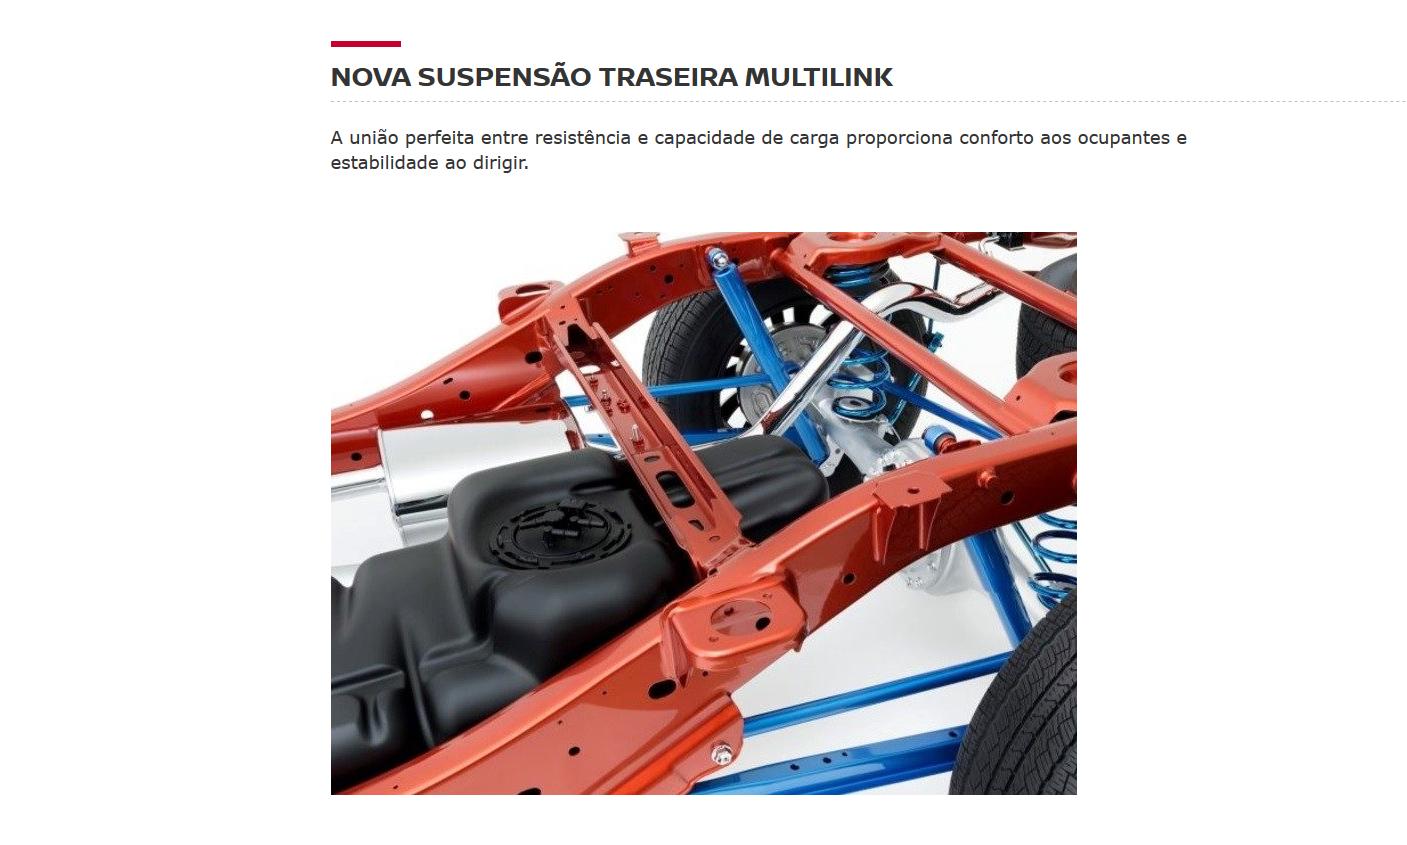 Frontier argentina: em produção para o Brasil, Nissan insiste na mentira Multilink